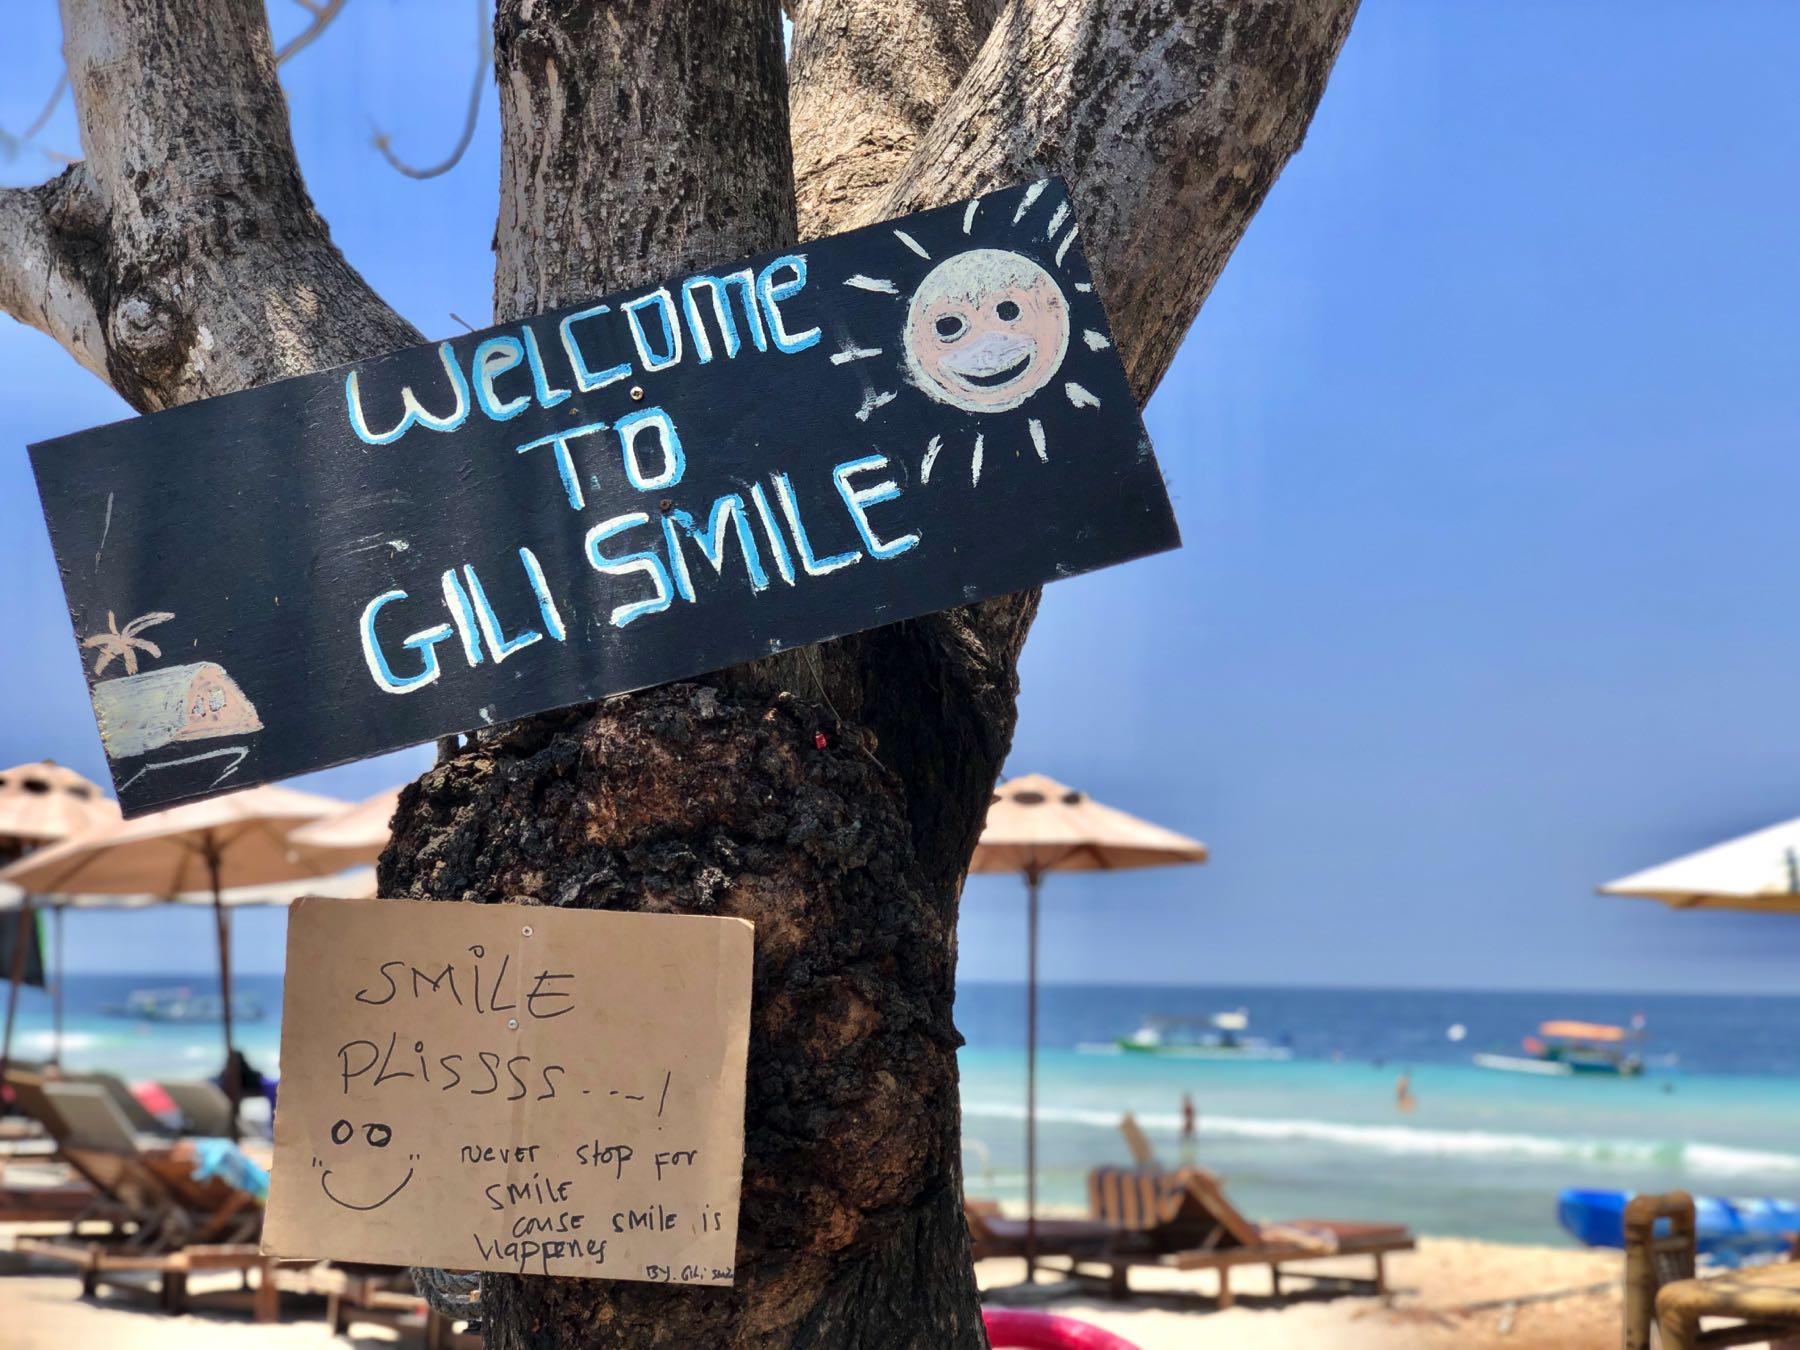 gili island sign